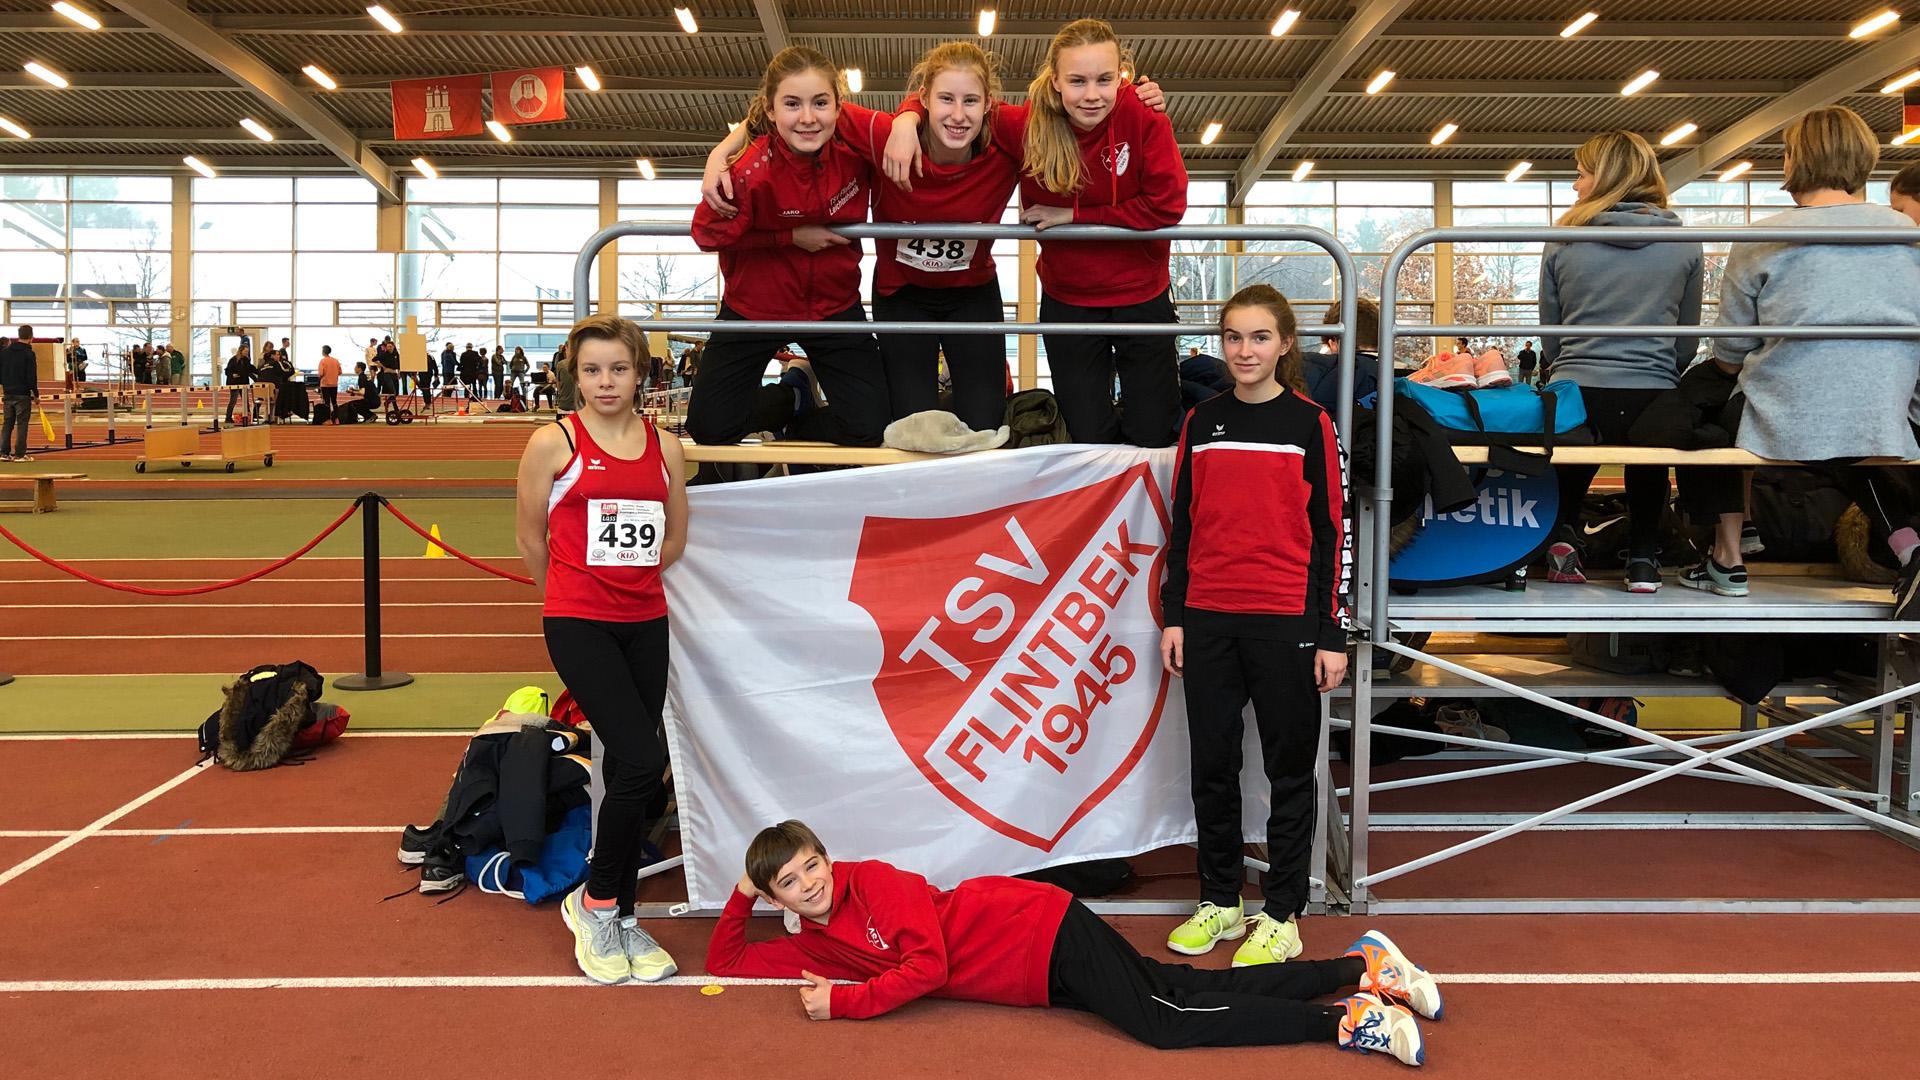 Hallen-LM: U16 mit einem kompletten Medaillensatz